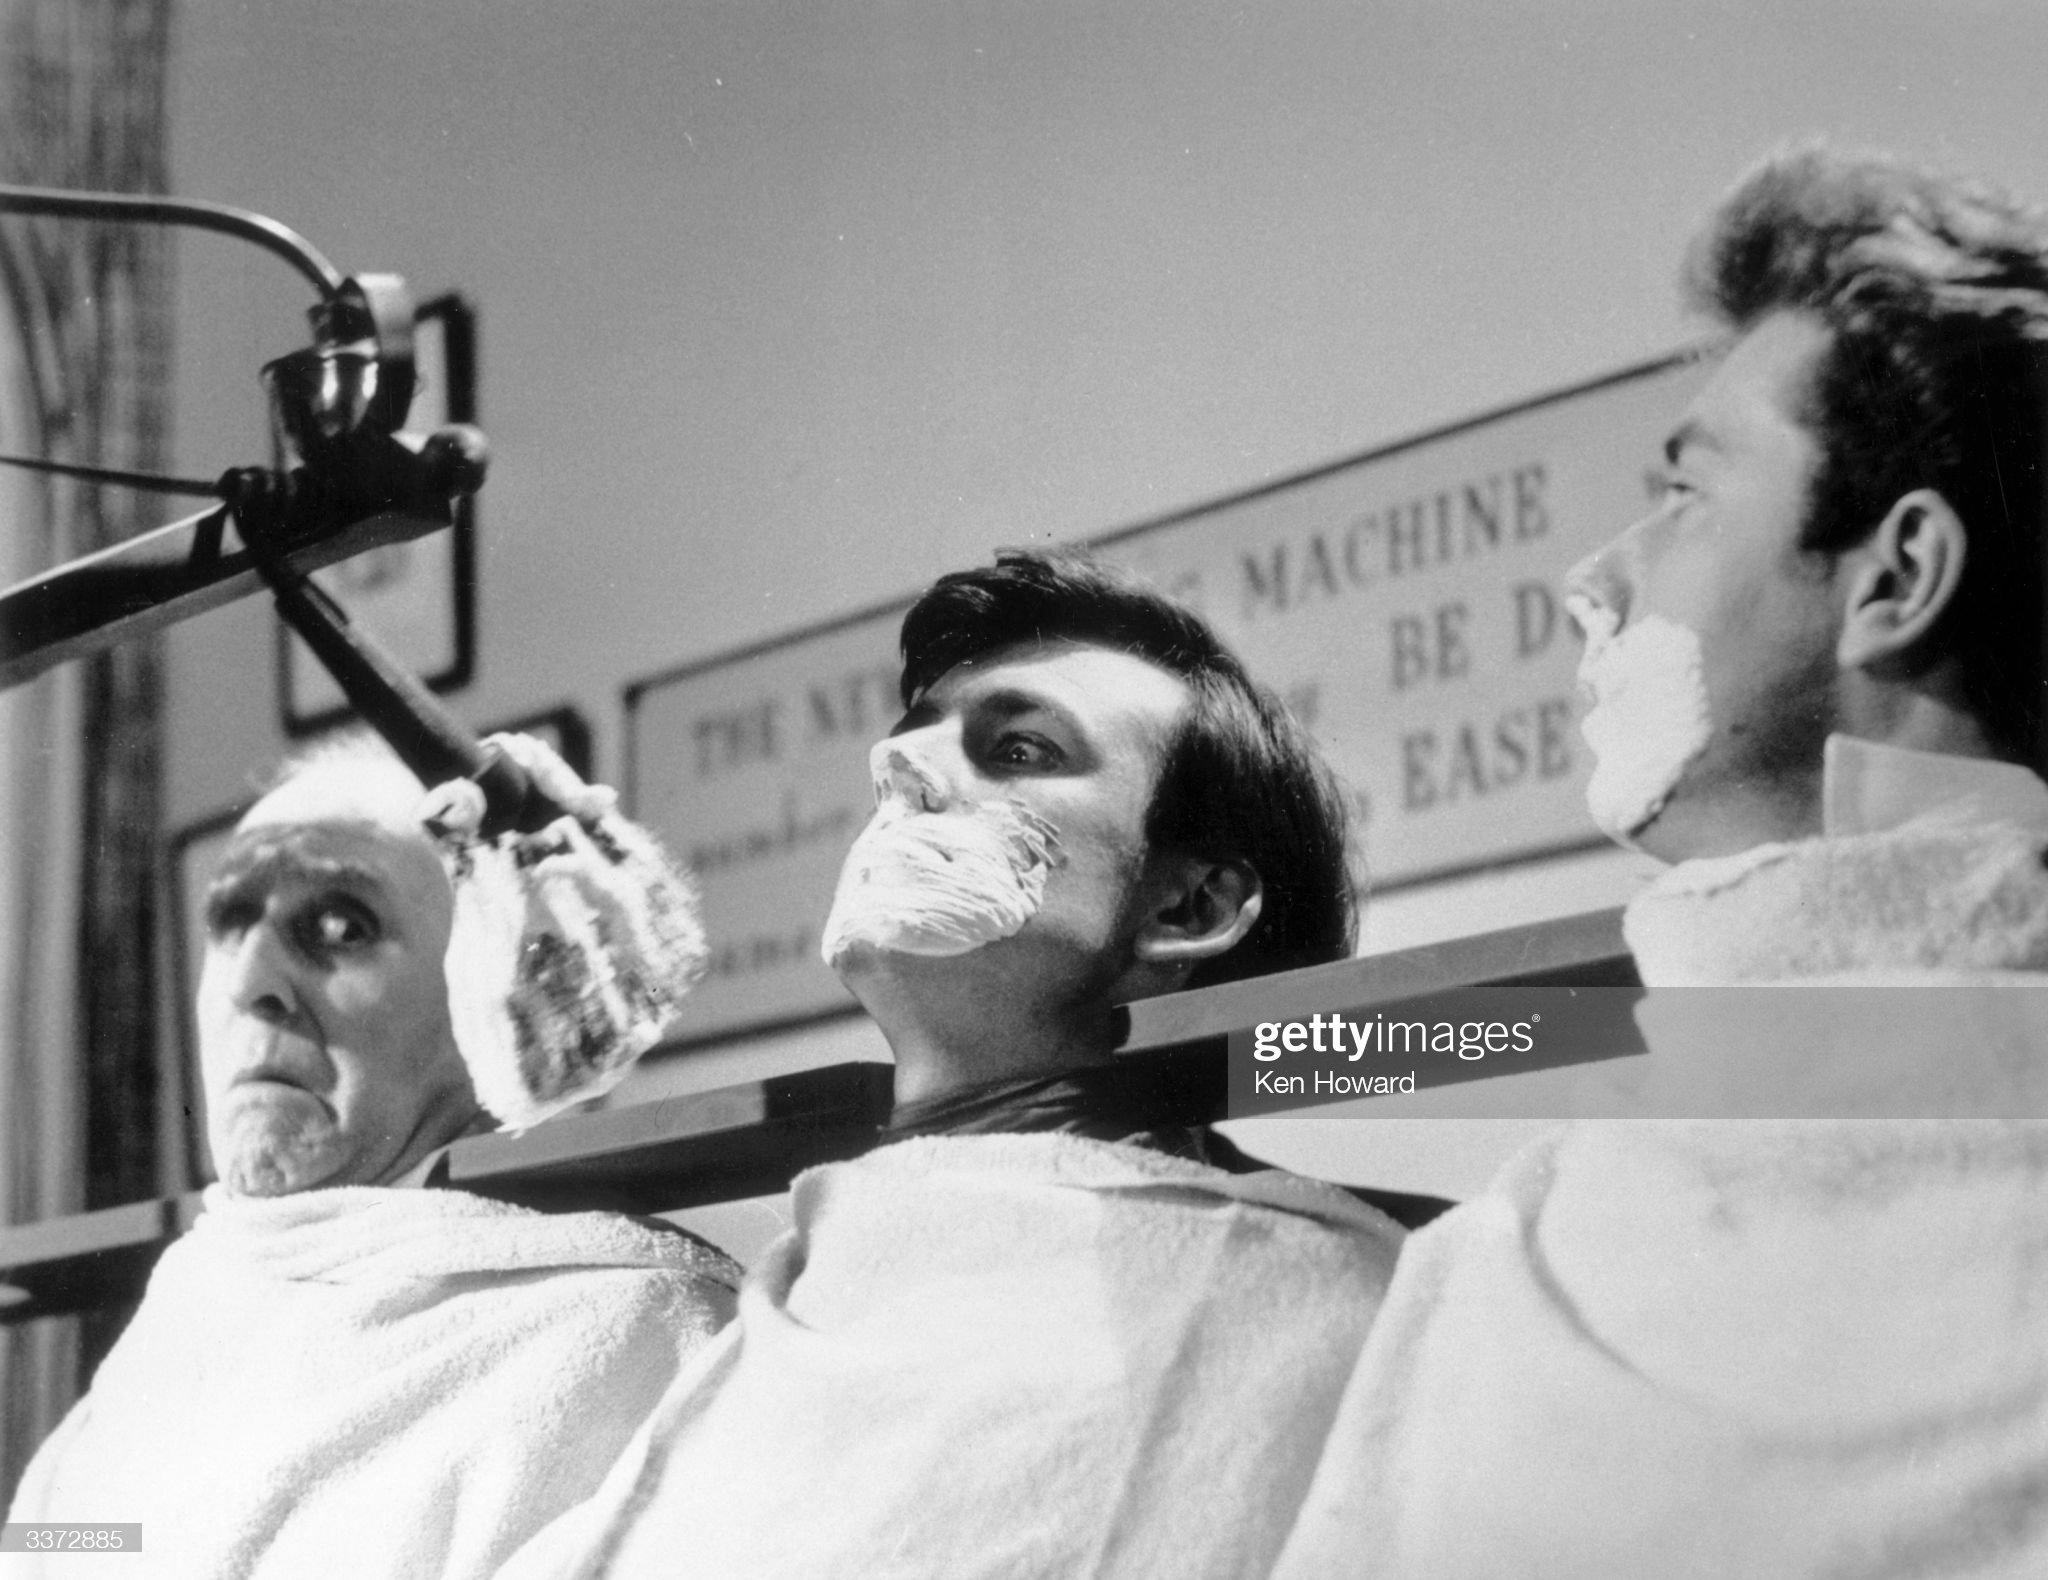 Shaving Machine : News Photo